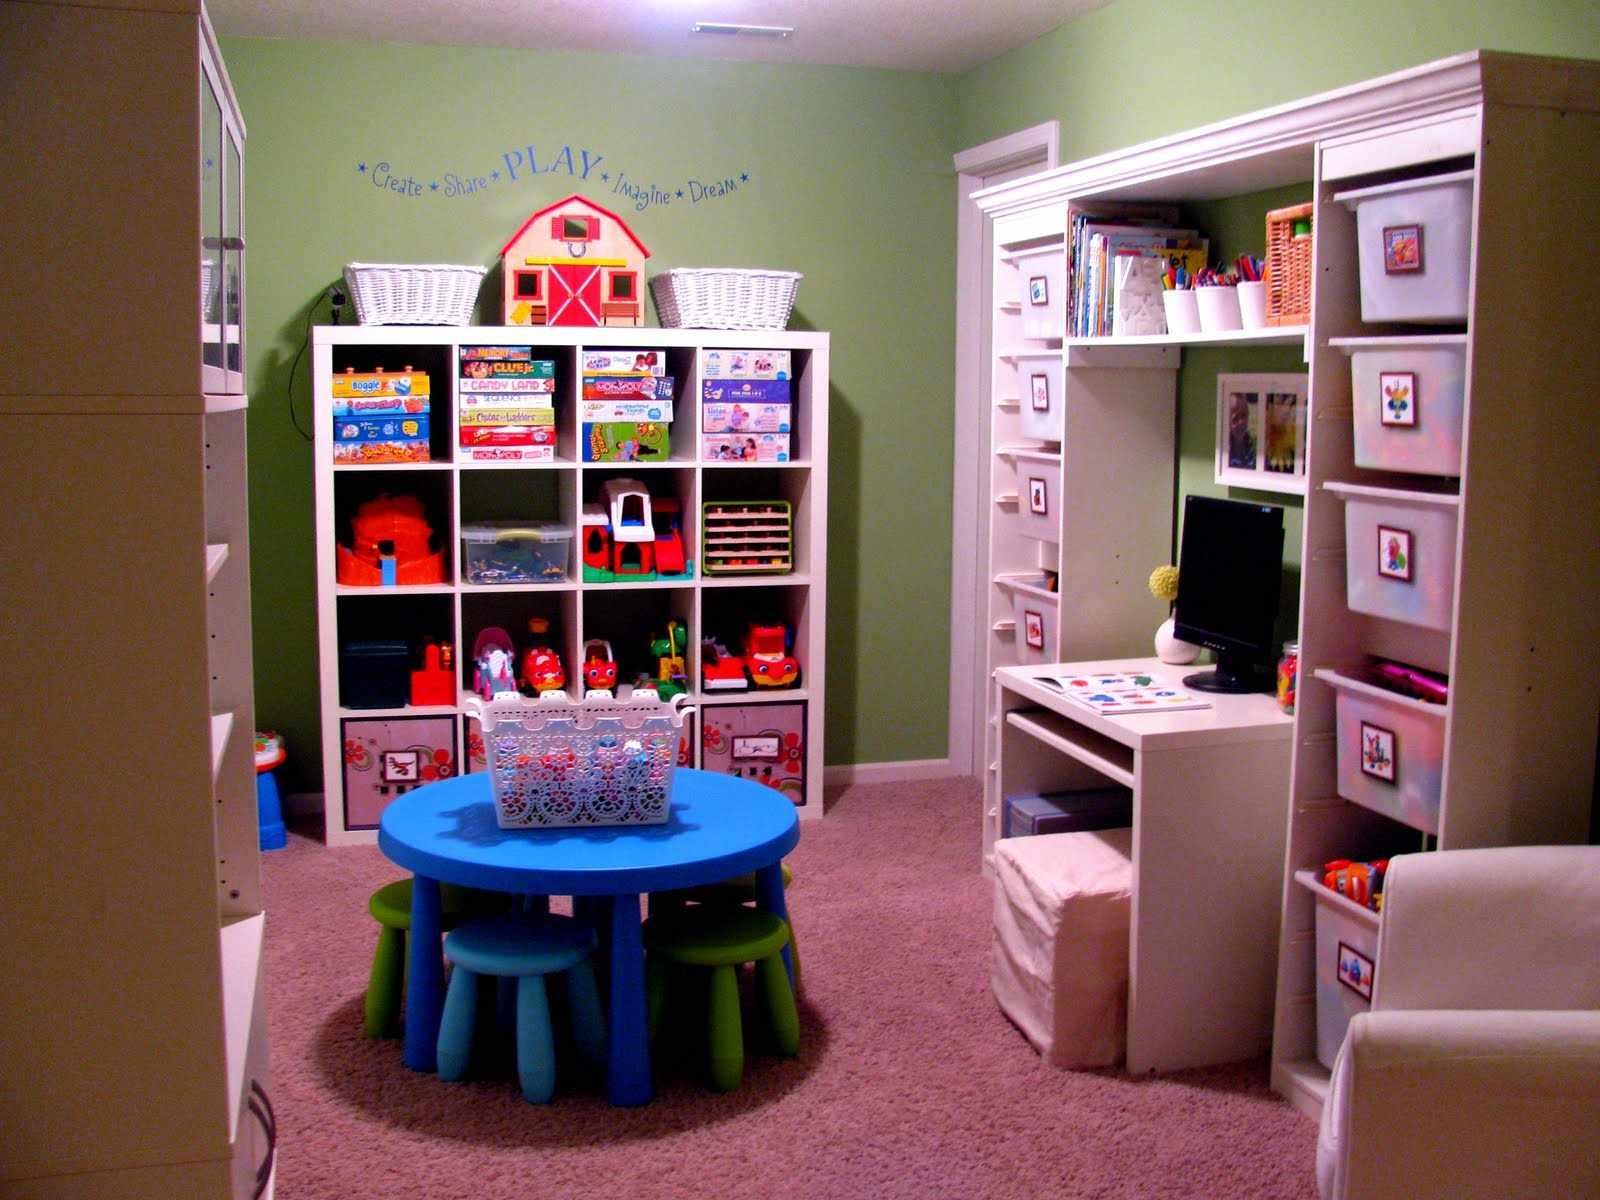 Стол в центре игровой комнаты